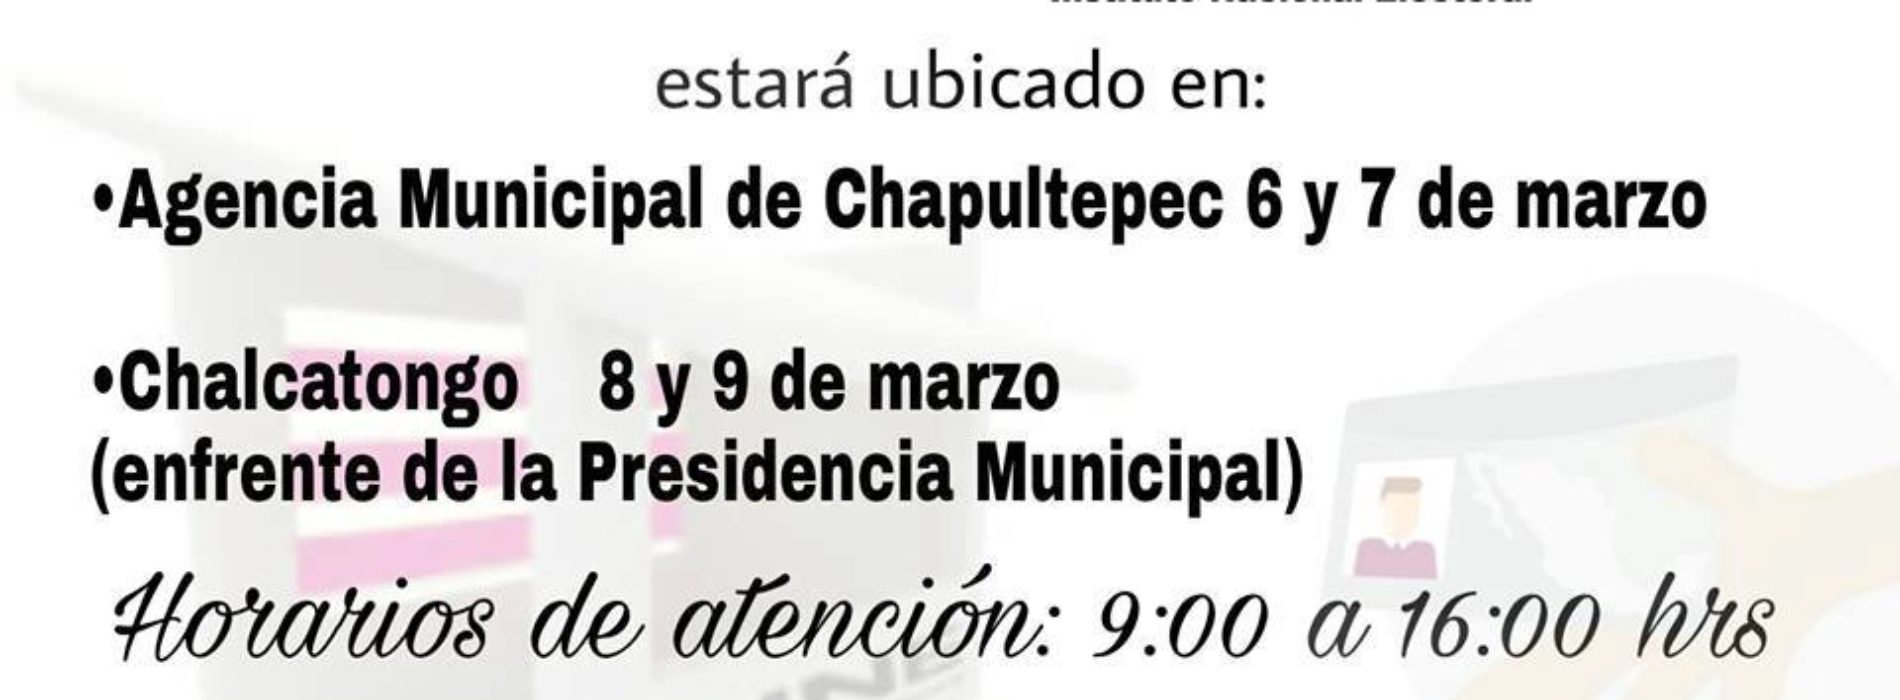 EN MARZO, EL MODULO INE ESTARÁ EN LA AGENCIA DE CHAPULTEPEC Y LA PRESIDENCIA MUNICIPAL DE CHALCATONGO.